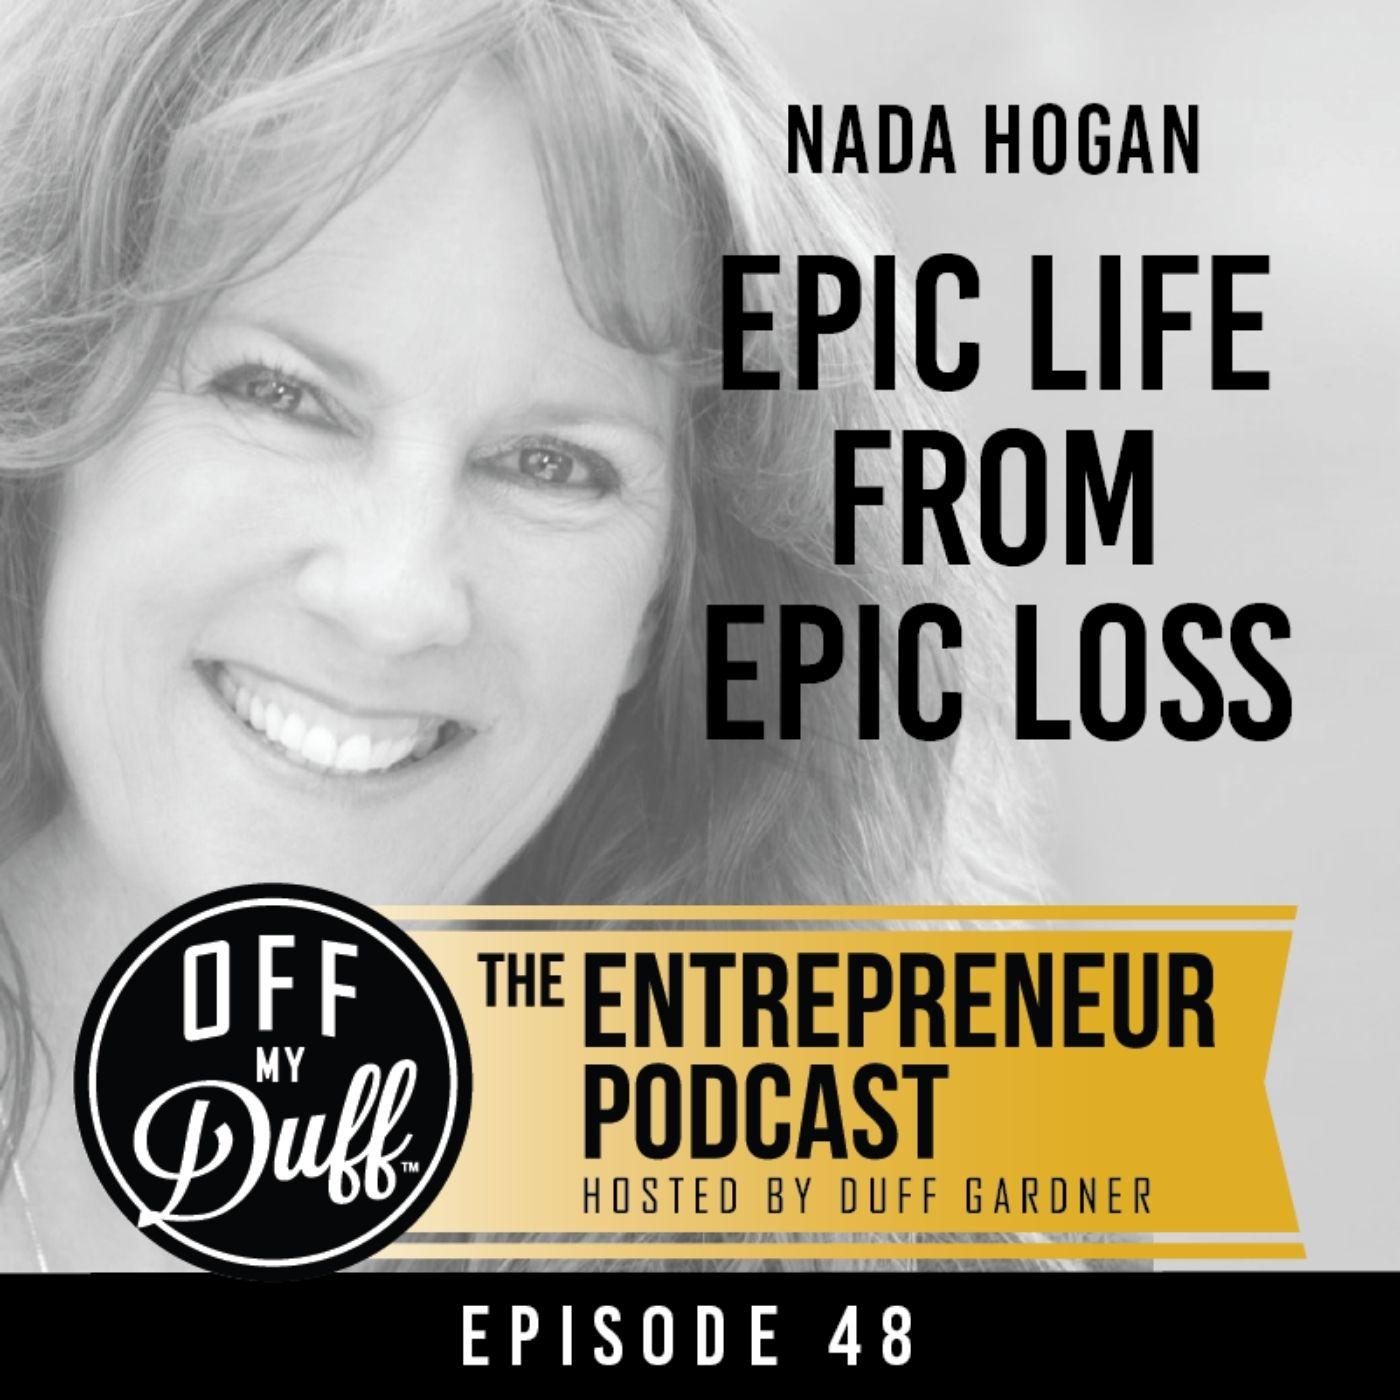 Nada Hogan - Epic Life from Epic Loss